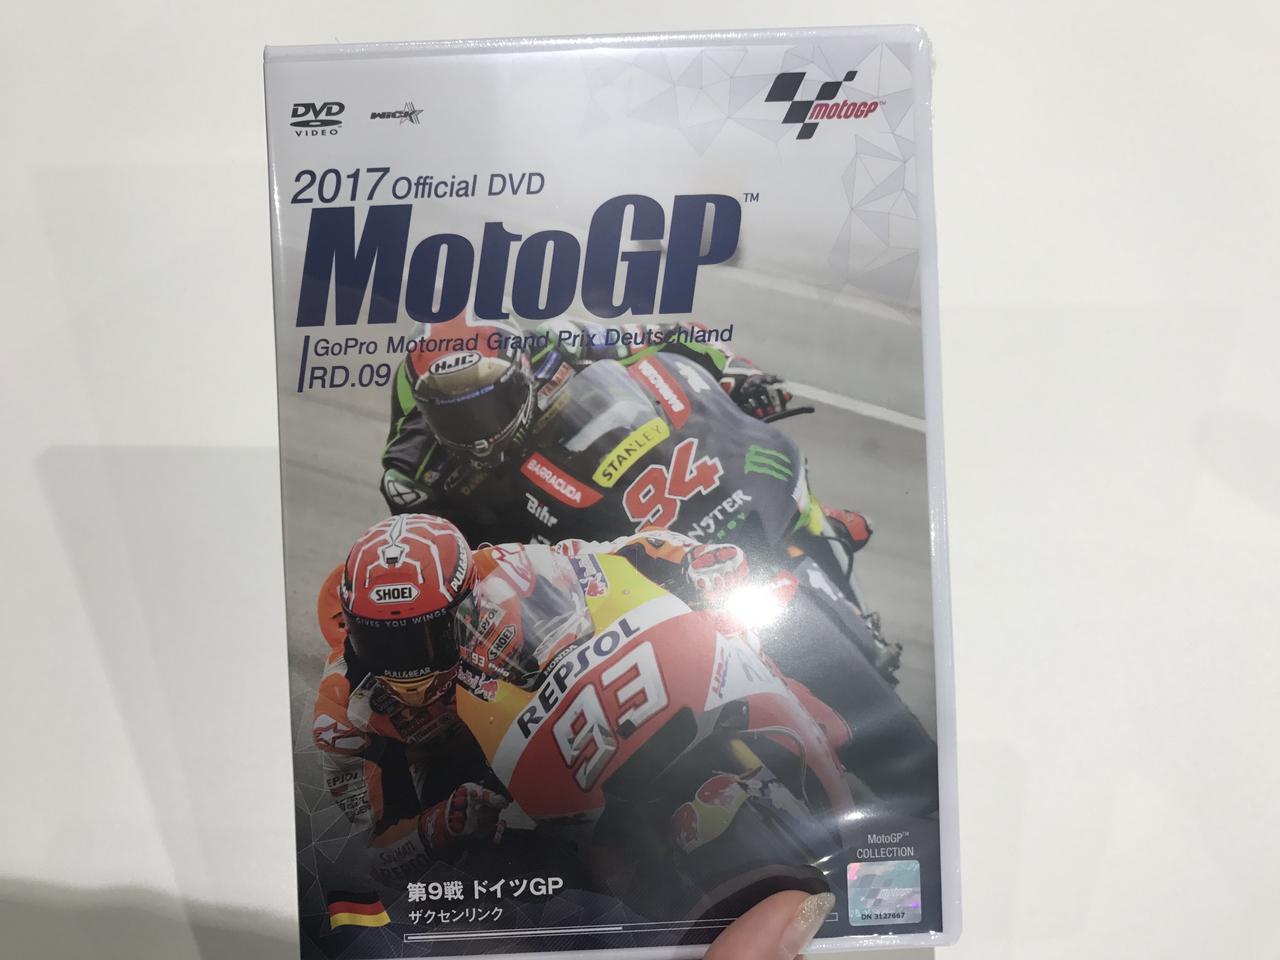 画像2: 【懸賞クイズ】ドイツGP、マルケスの前を走り、一時はトップに躍り出た、地元ドイツのルーキーライダーの名前は?